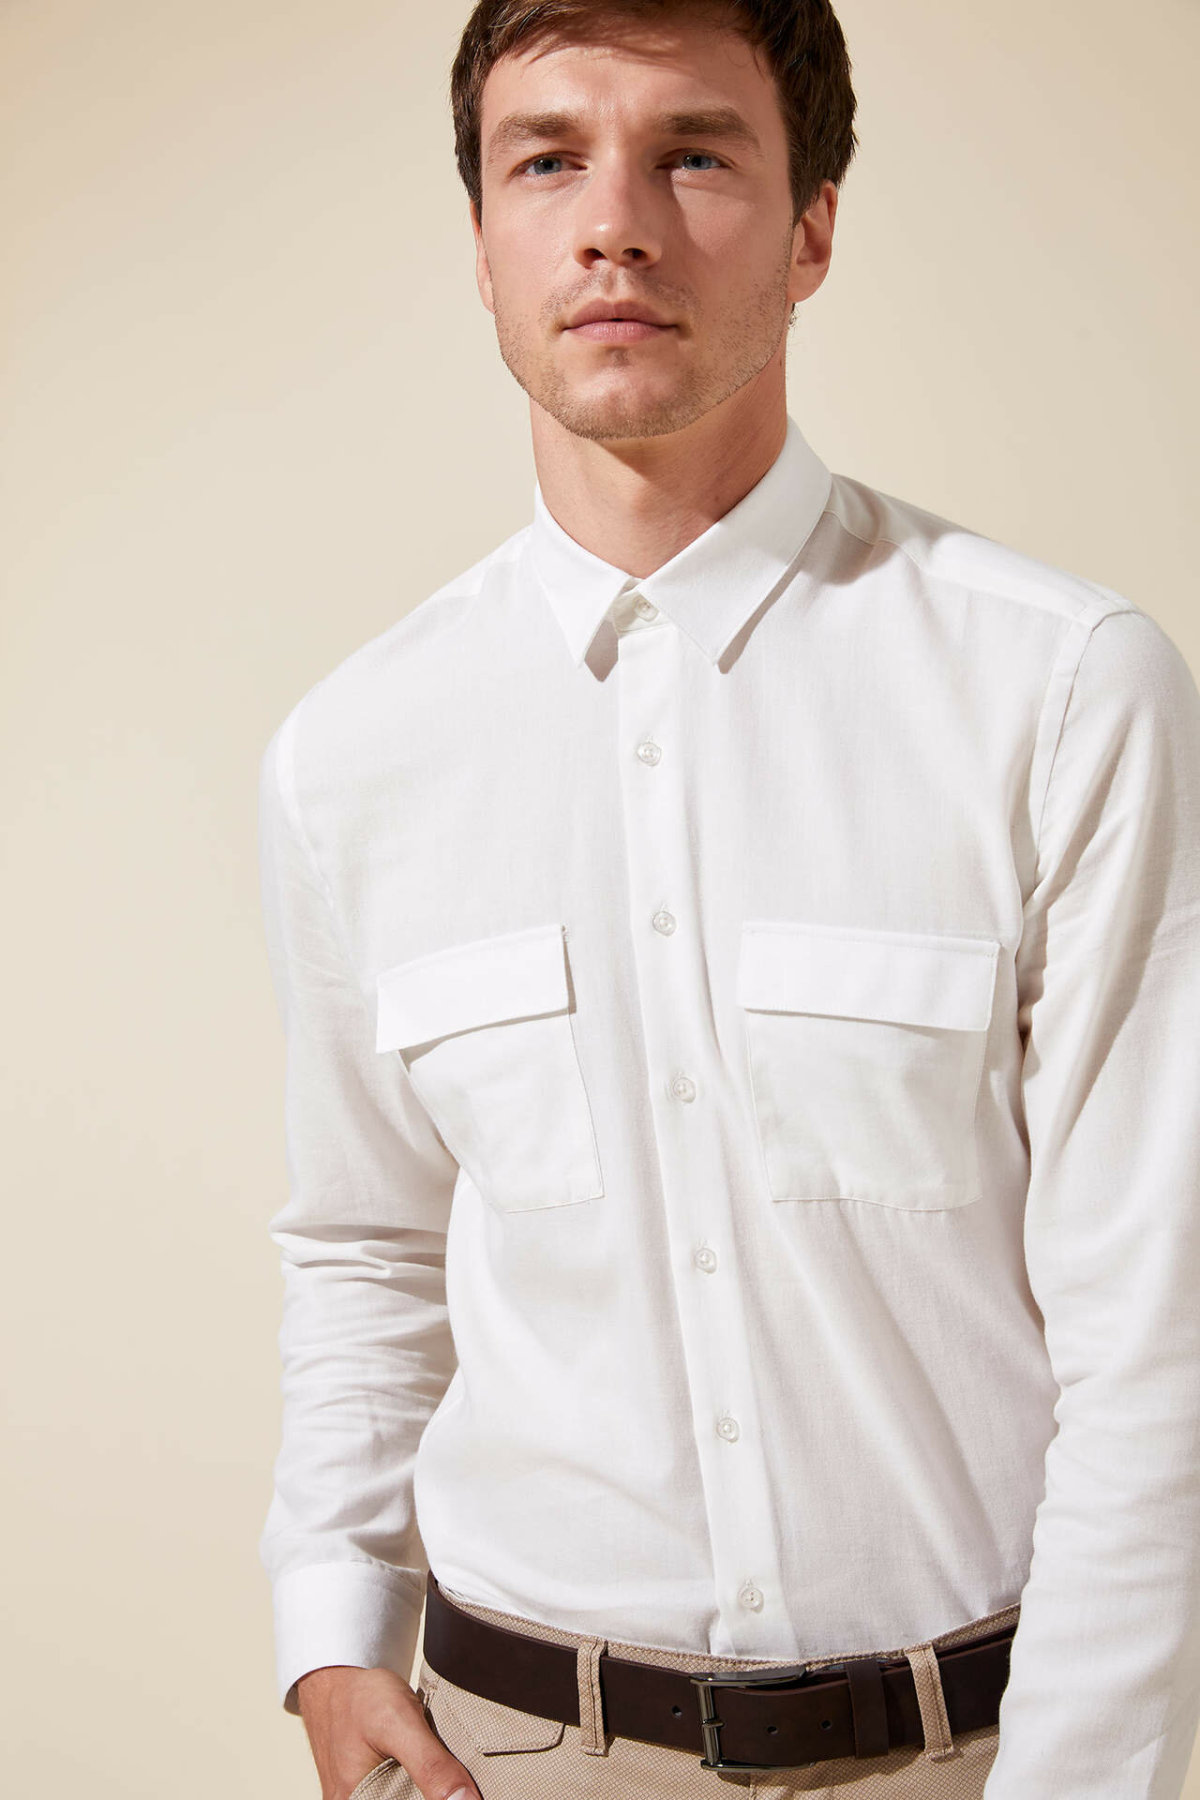 DeFacto Formal Fashion Man Long Sleeve Shirt Autumn Male Formal Pure Color Blouser Men's Simple Shirts White New - L4546AZ19HS